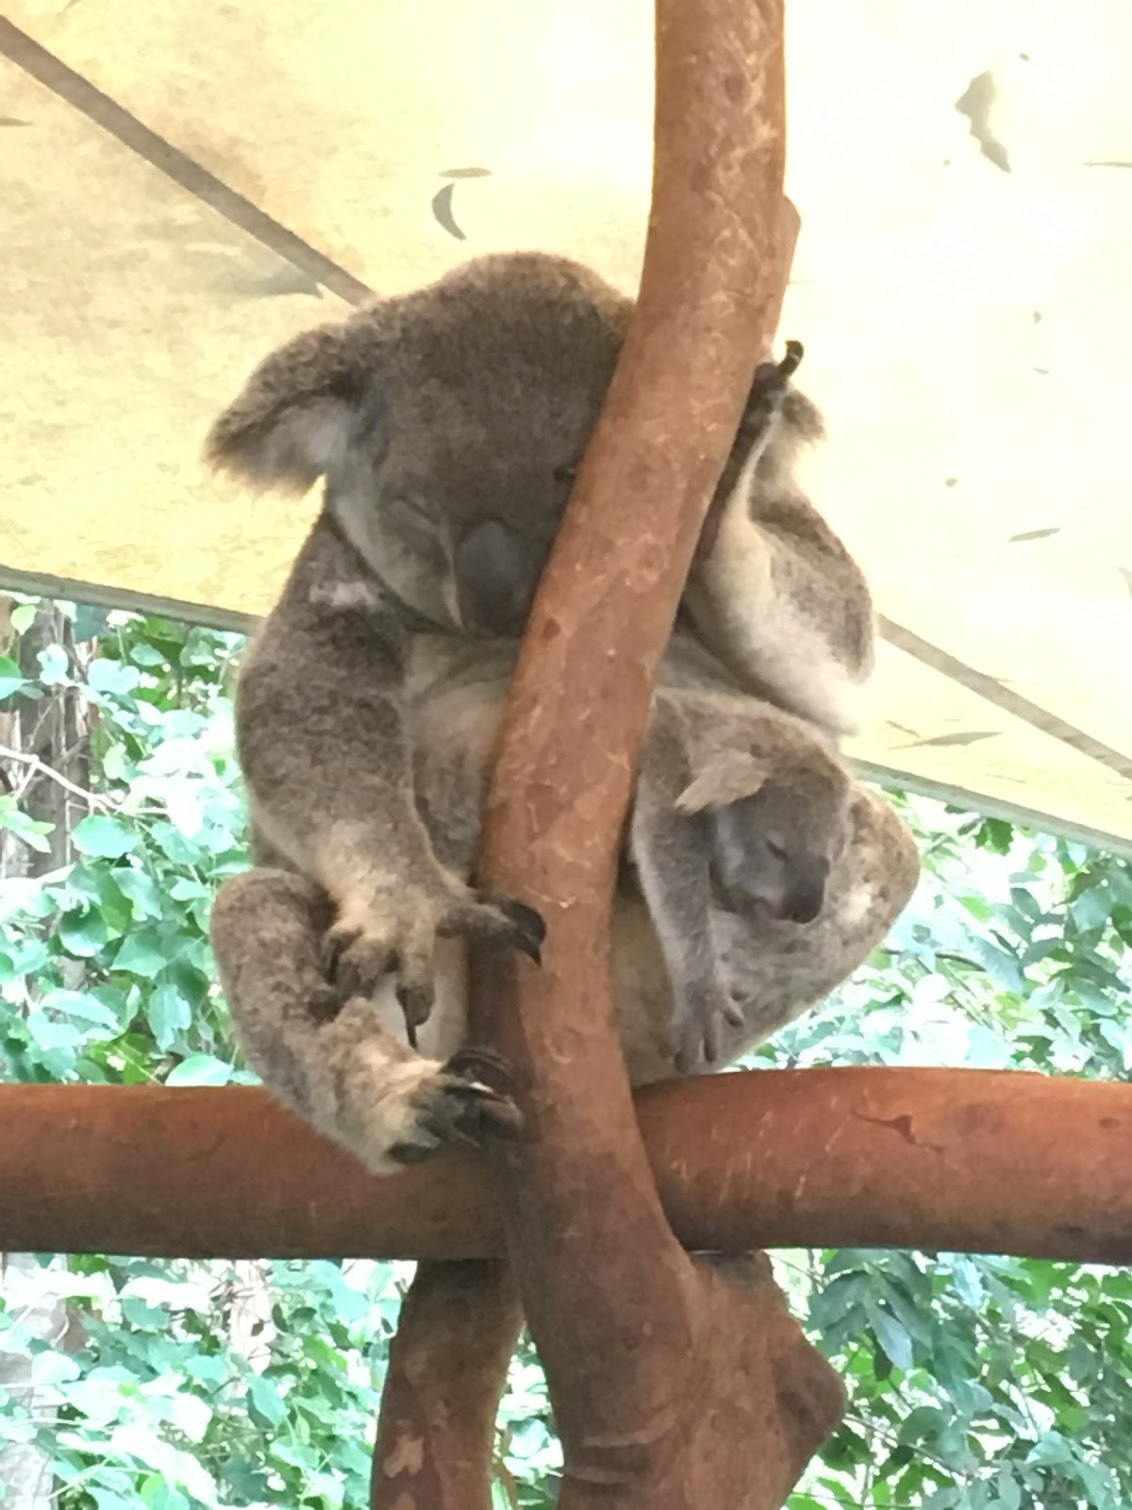 Koalas in Cairns